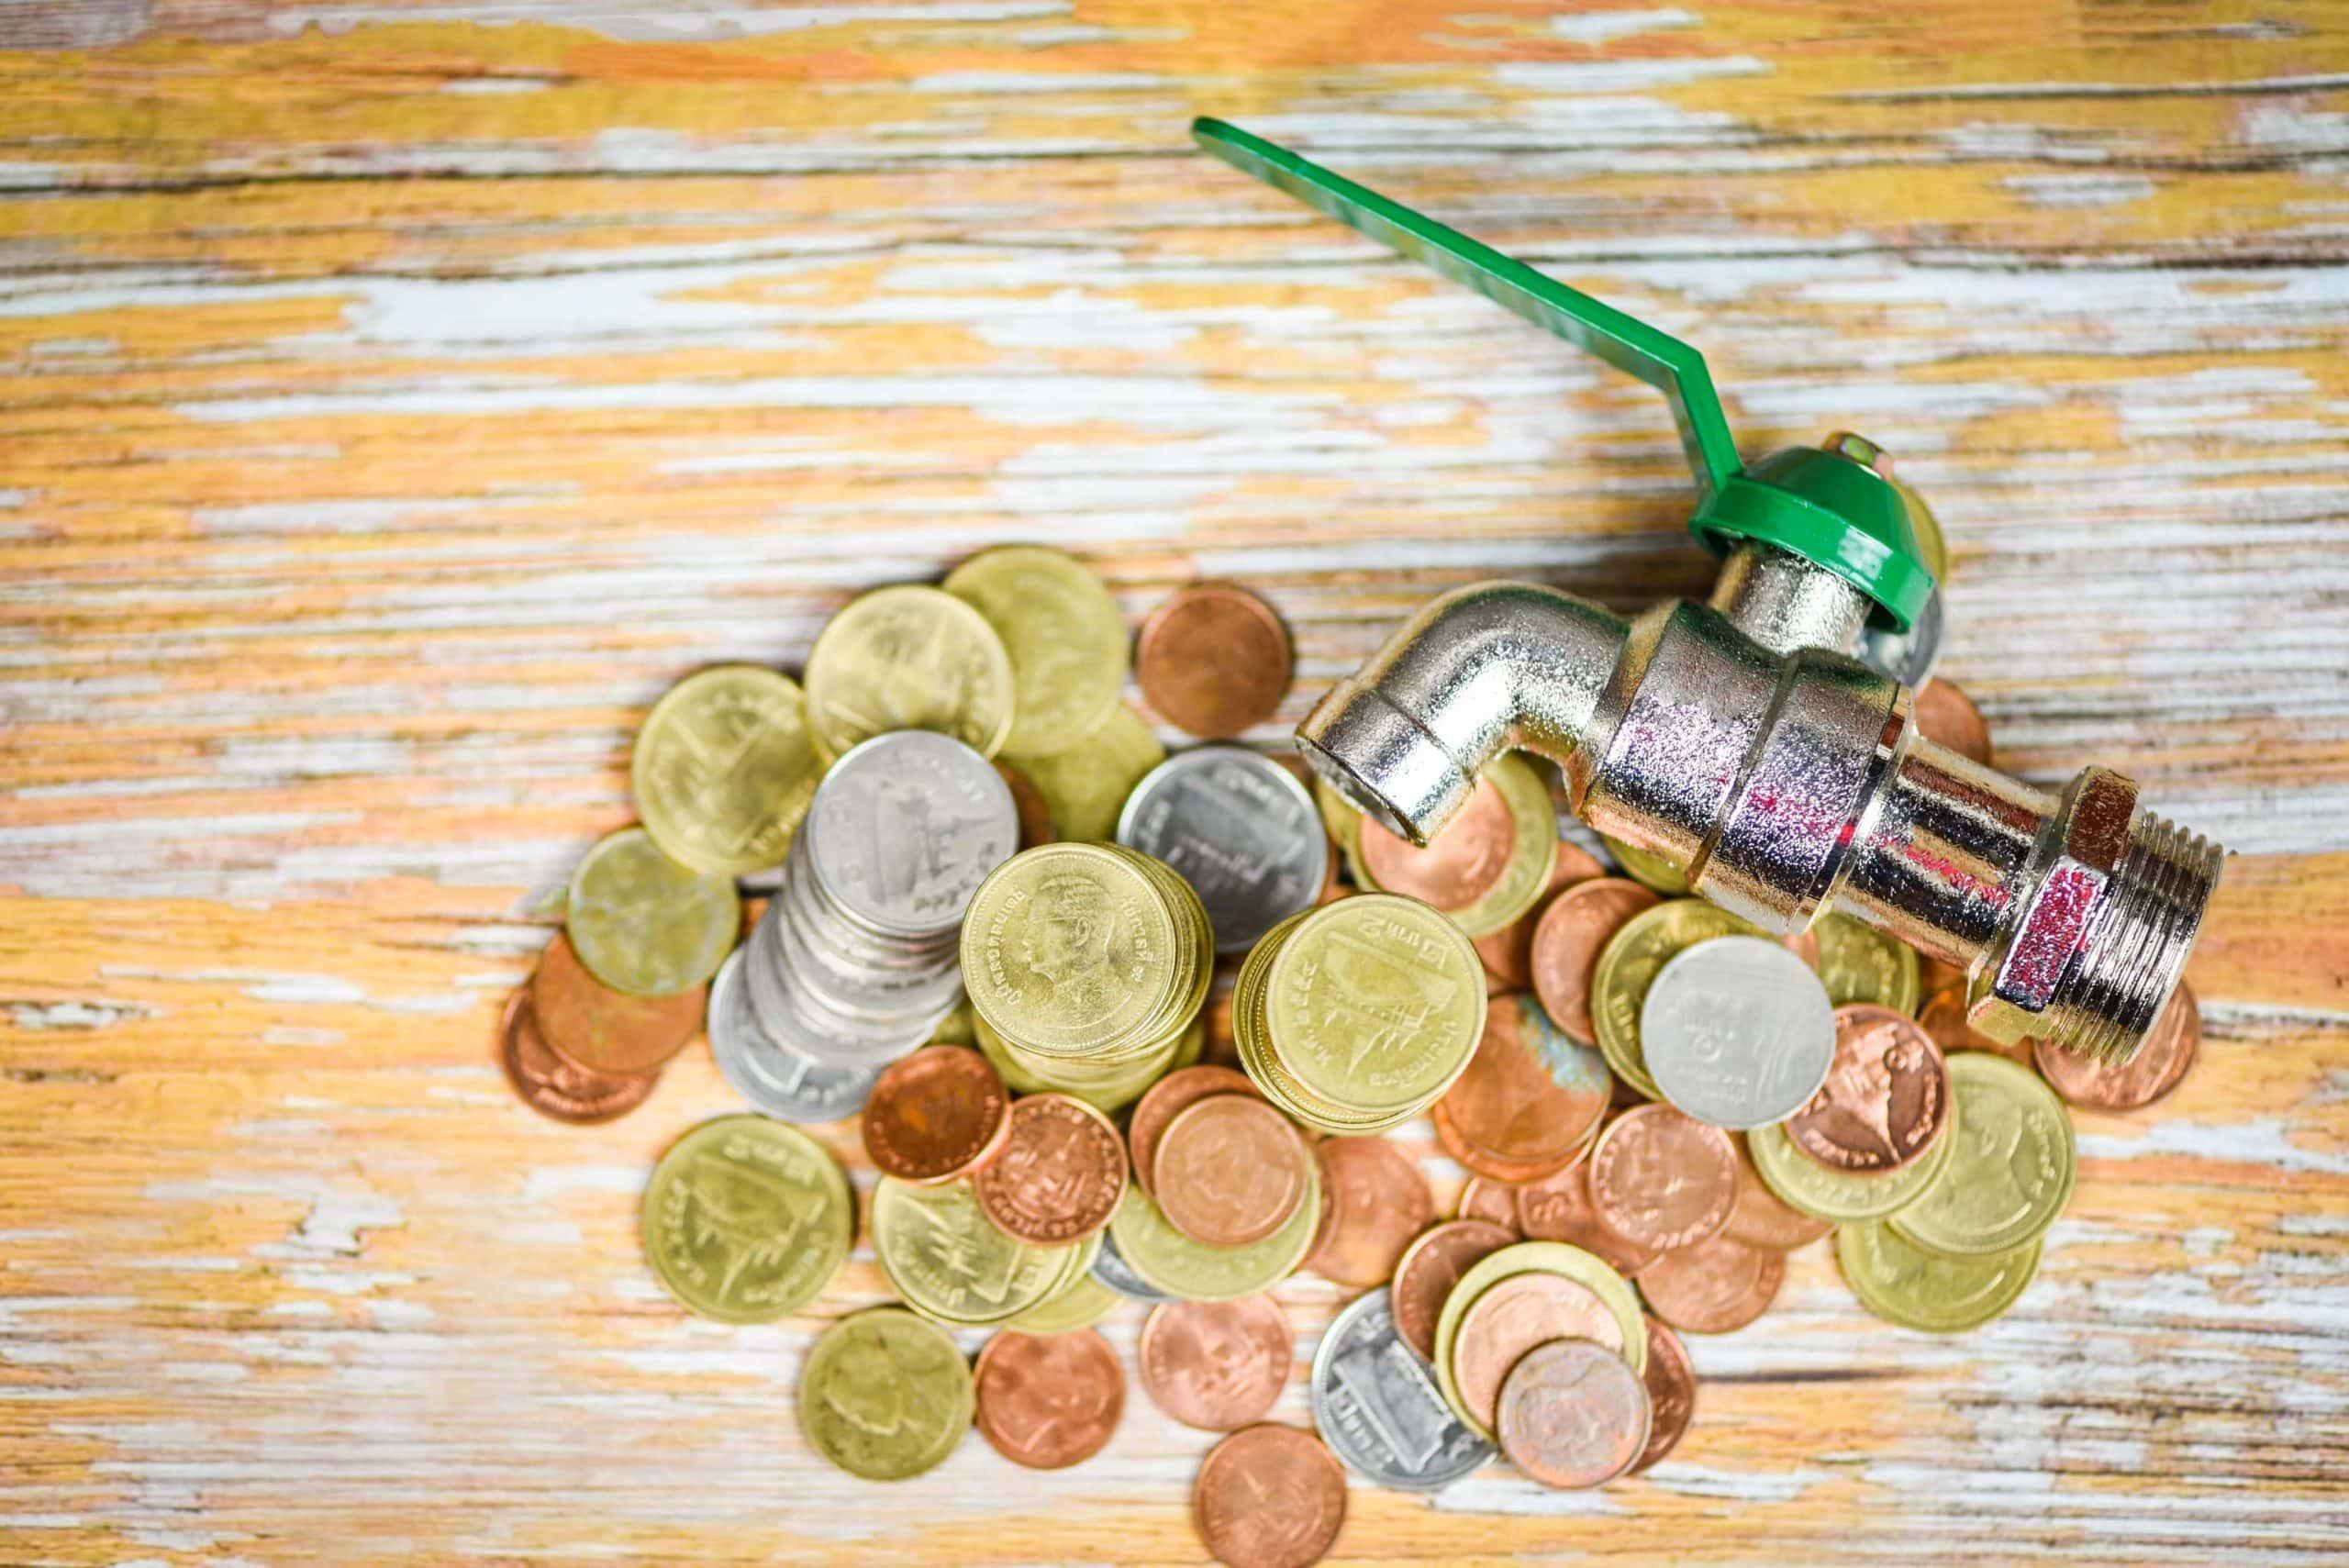 Ein Haufen von Geldmünzen liegen auf einem Holztisch. Daneben liegt ein Wasserhahn. Das verdeutlicht das Bild der Liquidität.